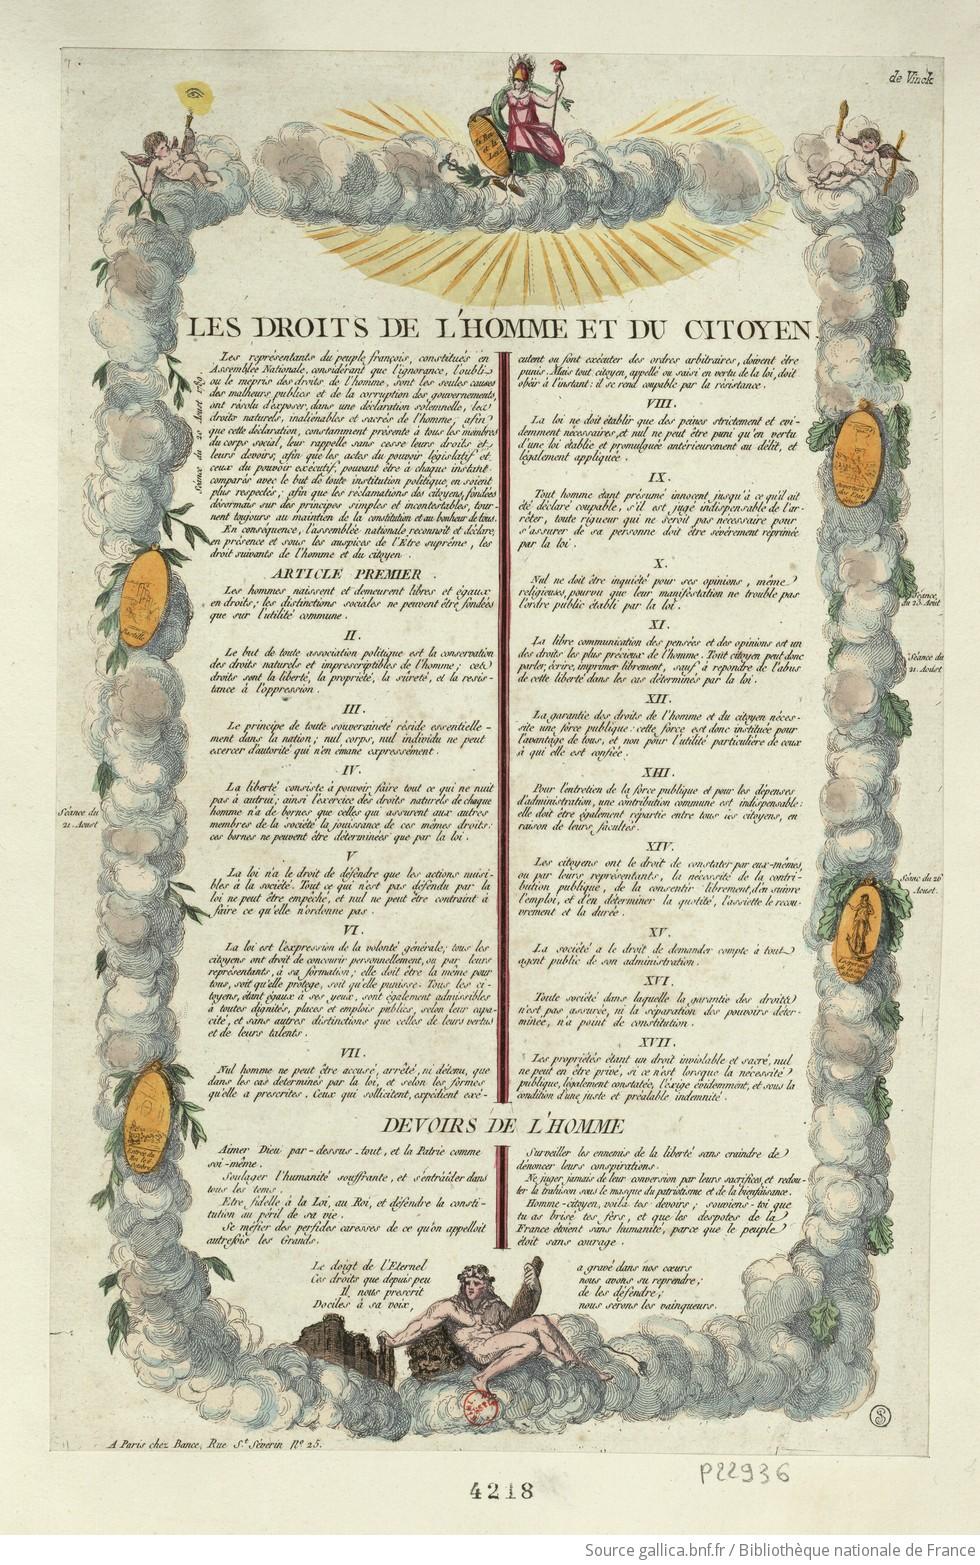 Les Droits de l'homme et du citoyen : [estampe] / [non identifié] - 1